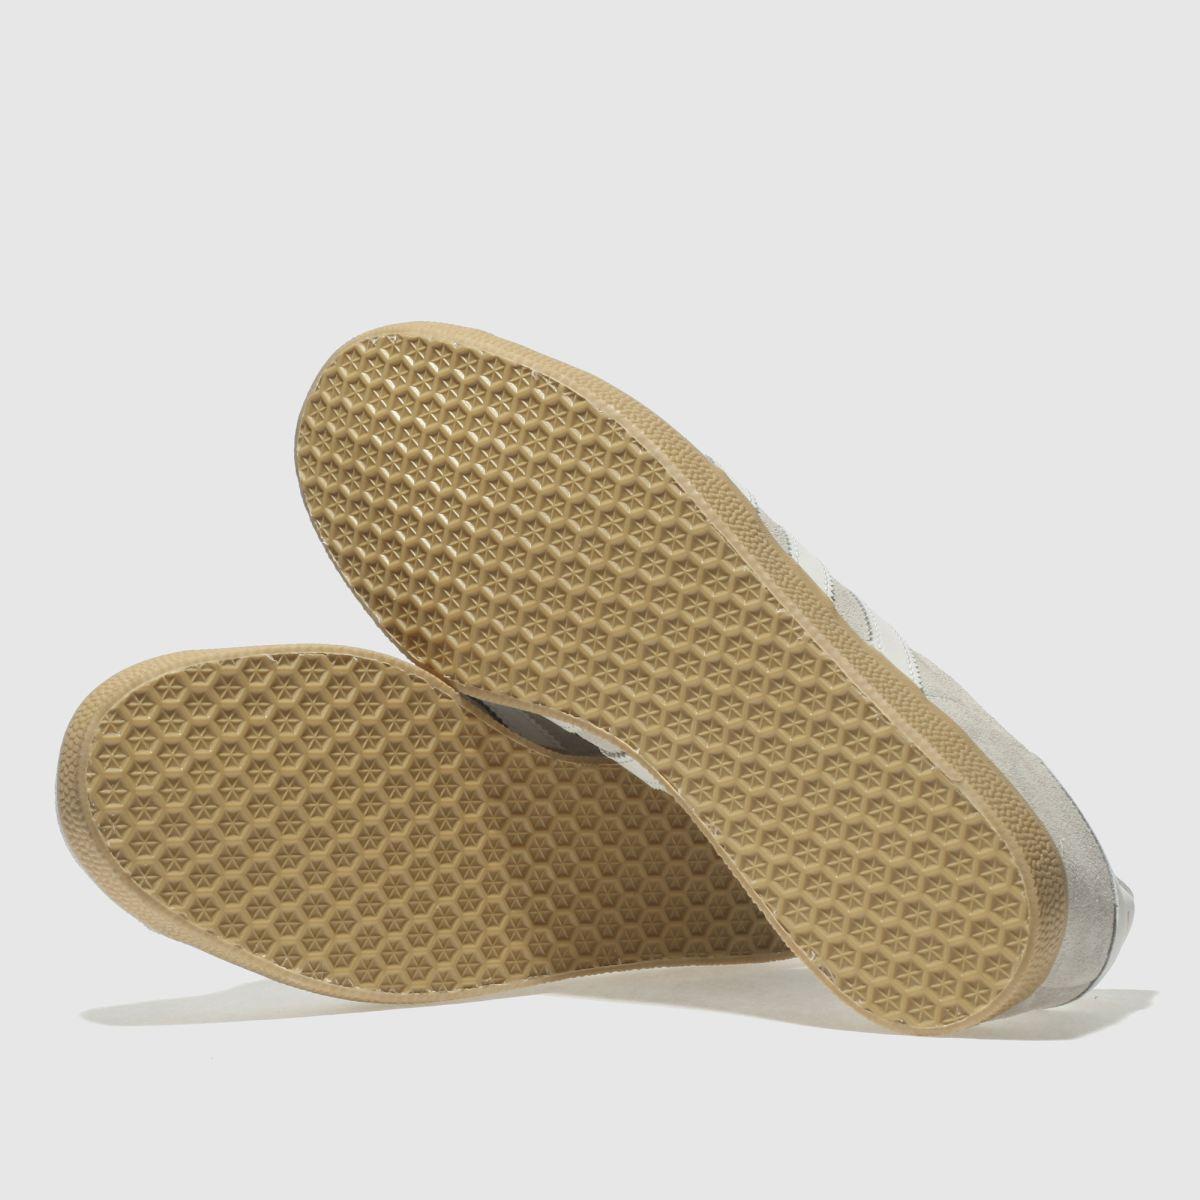 pretty nice 8575b 42043 ... Damen schuh Hellgrau adidas Gazelle Sneaker   schuh Damen Gute Qualität  beliebte Schuhe 514d27 ...